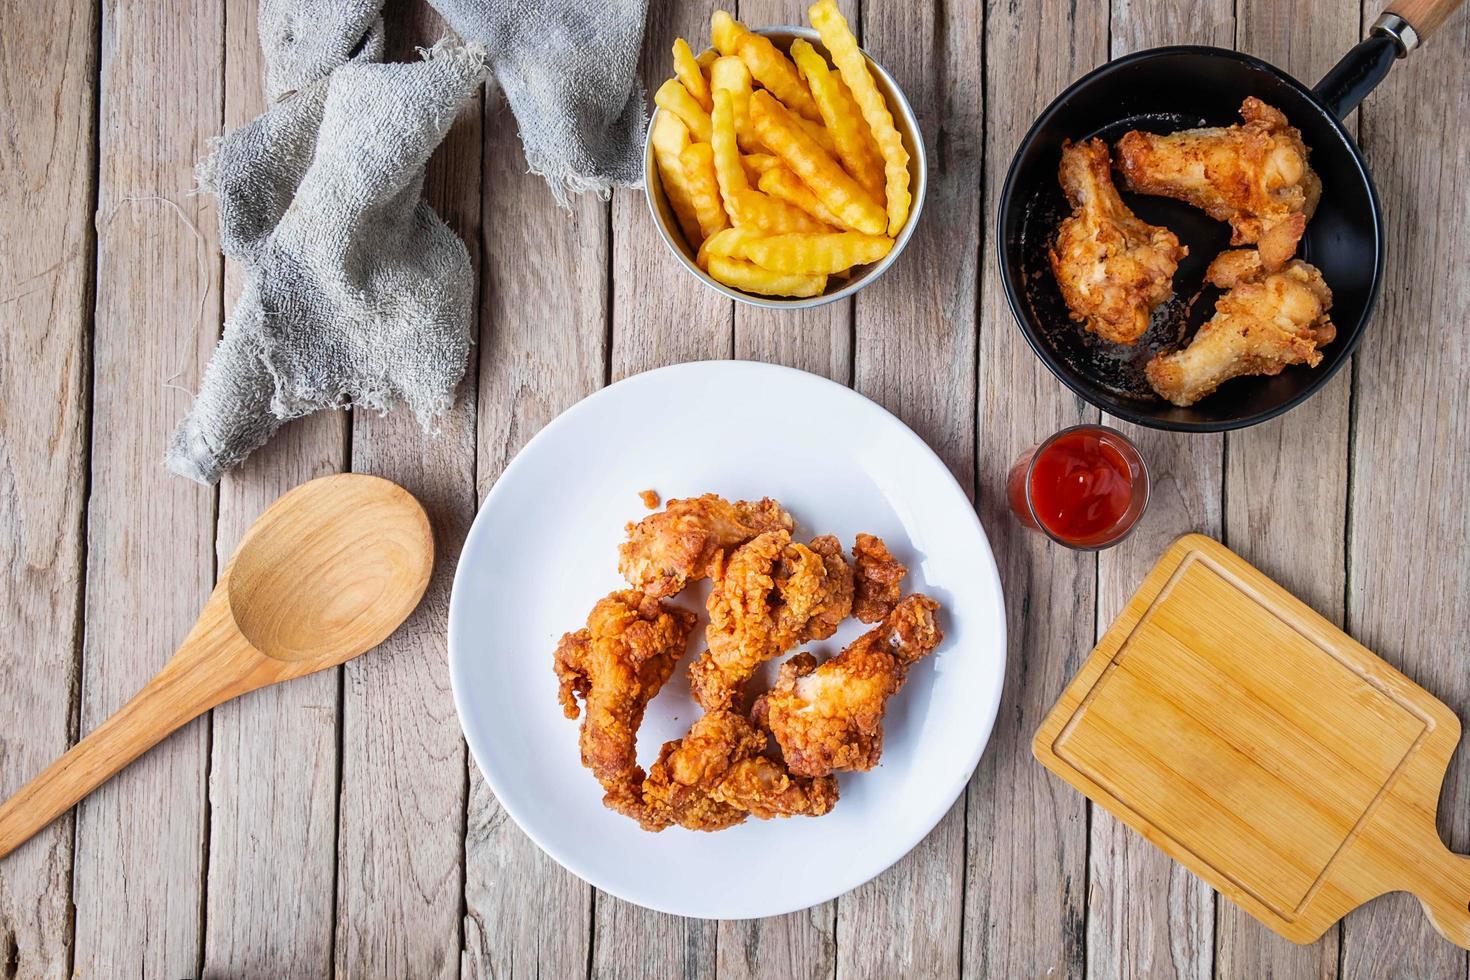 poulet frit sur une assiette et une poêle photo